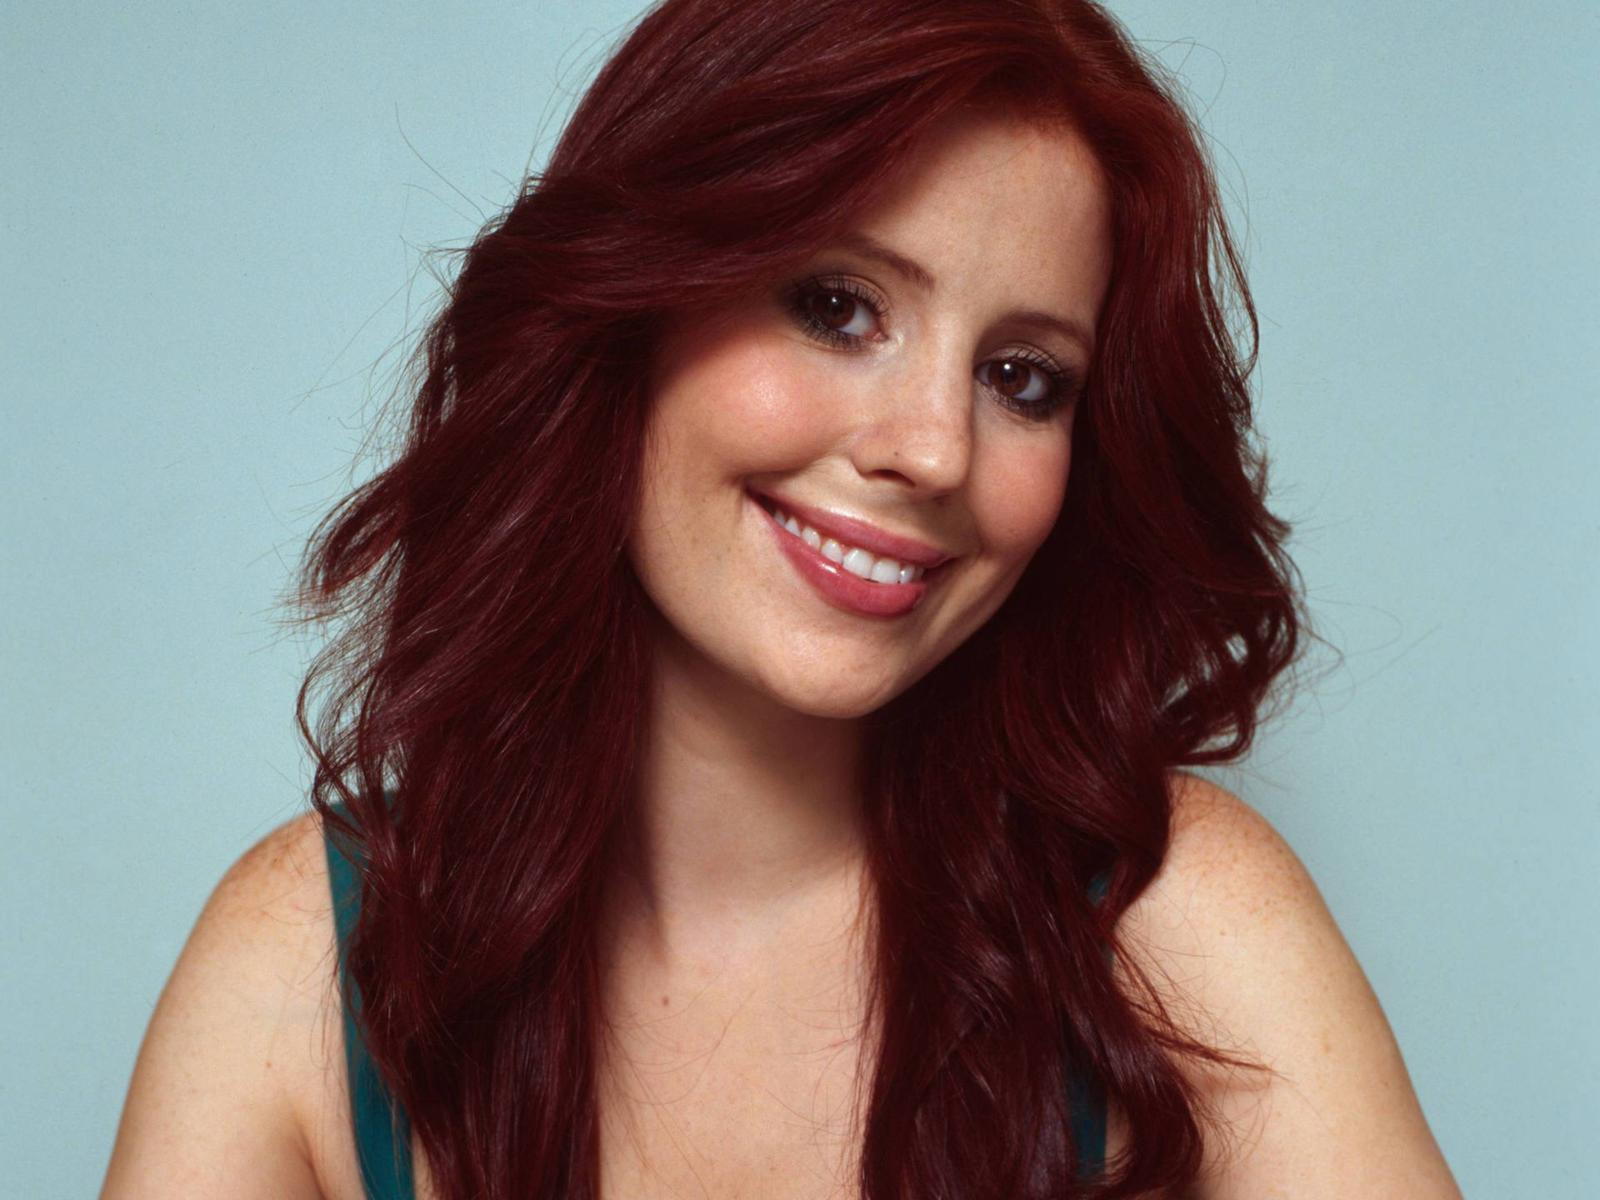 nuttall hot celebrity Amy